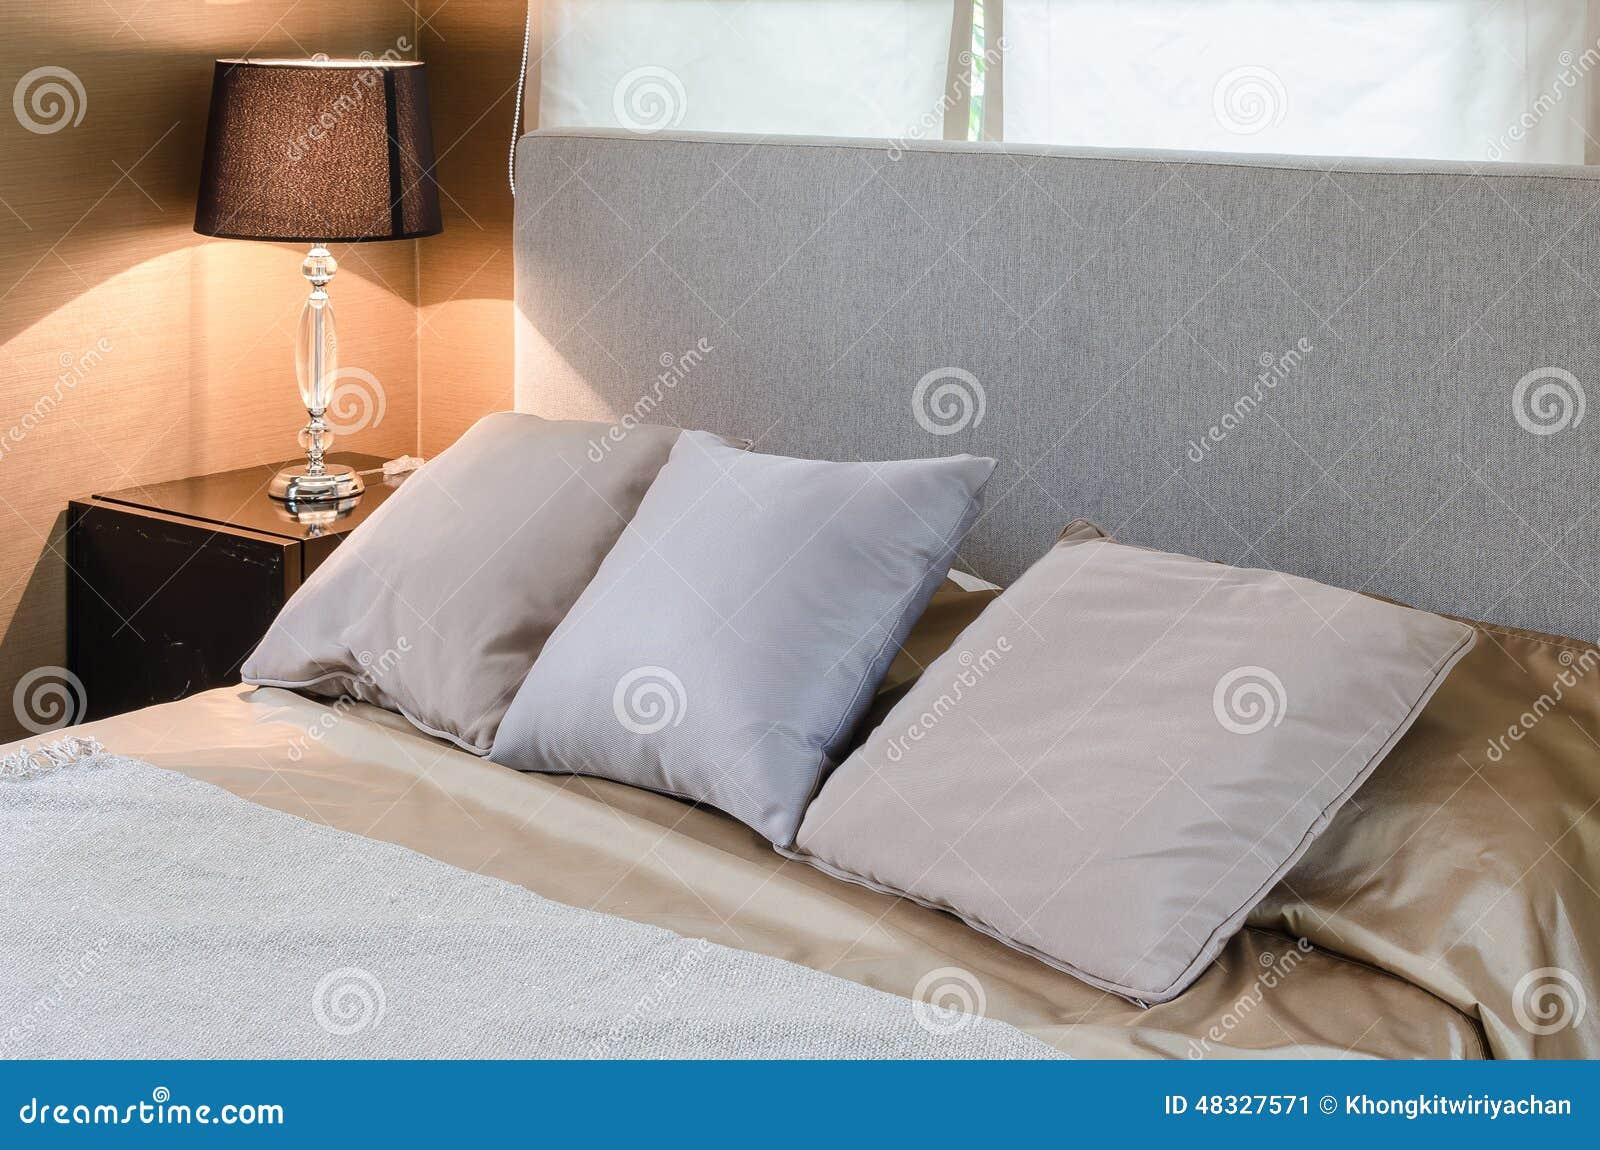 Cuscini sul letto casamia idea di immagine - Cuscini da letto ...